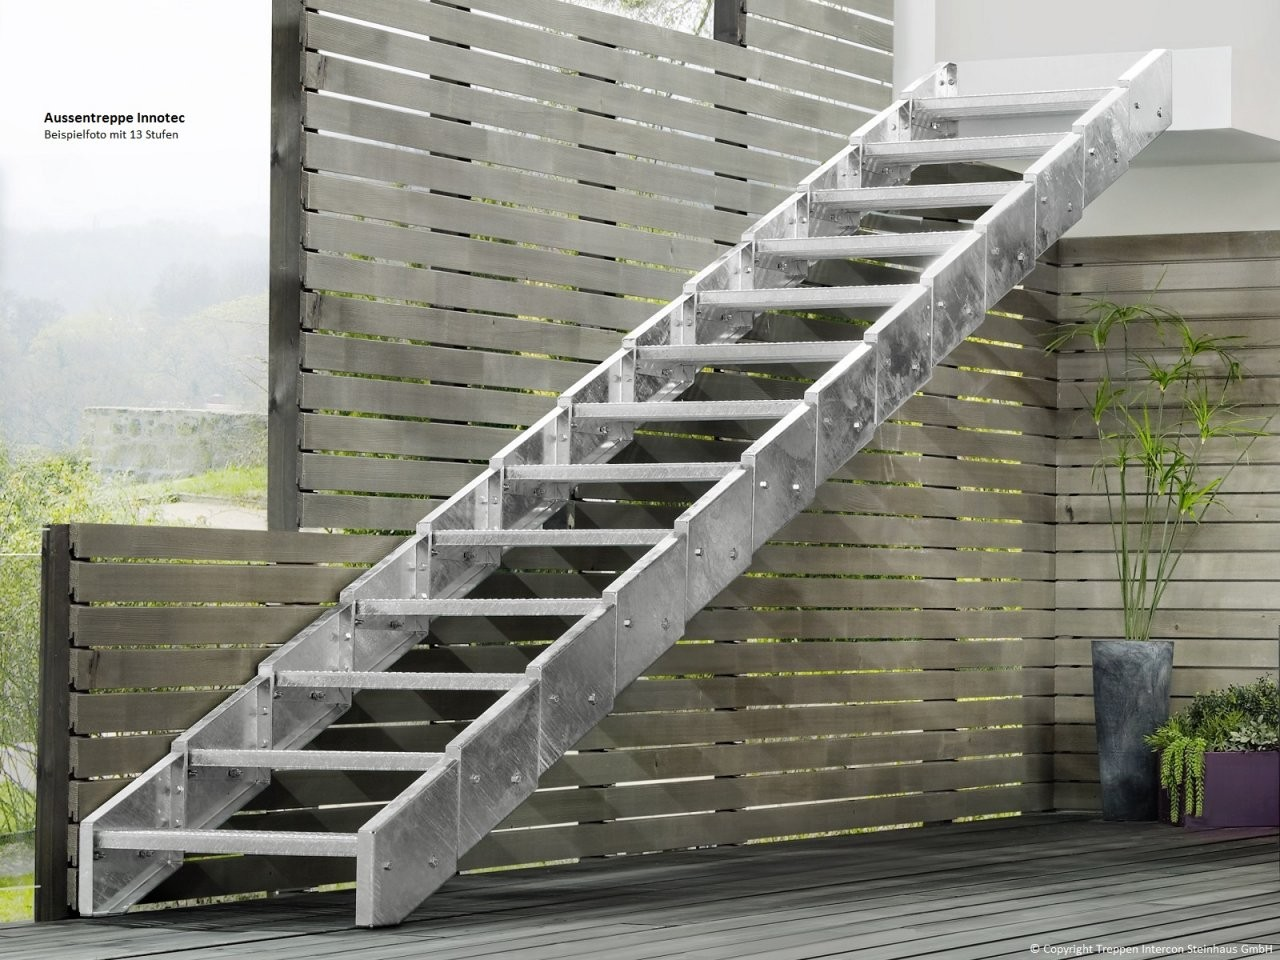 Topaußentreppe Selber Bauen  Bdj777 von Außentreppe Holz Selber Bauen Bild